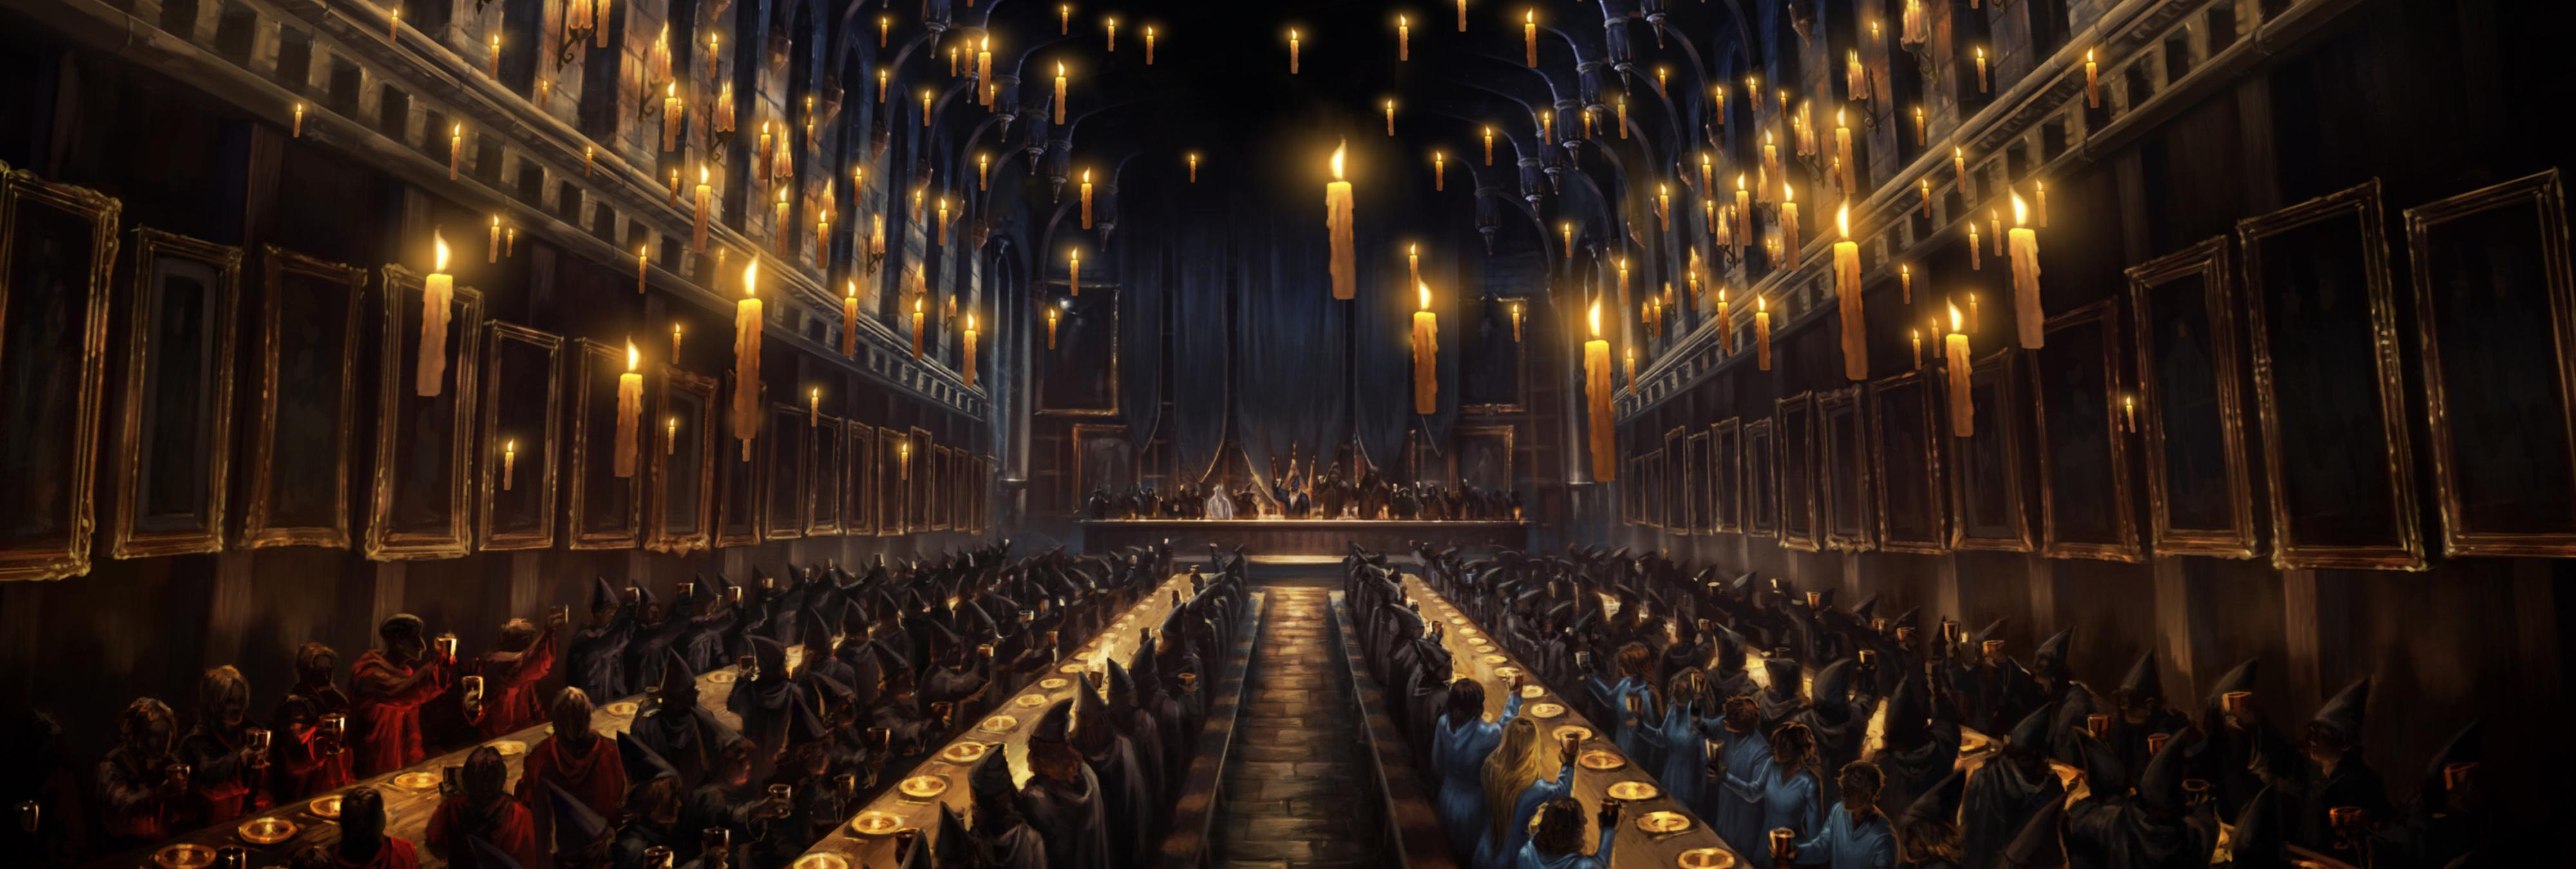 Se gasta 15.600 euros en transformar su salón como si fuera Hogwarts y el resultado es muy cutre